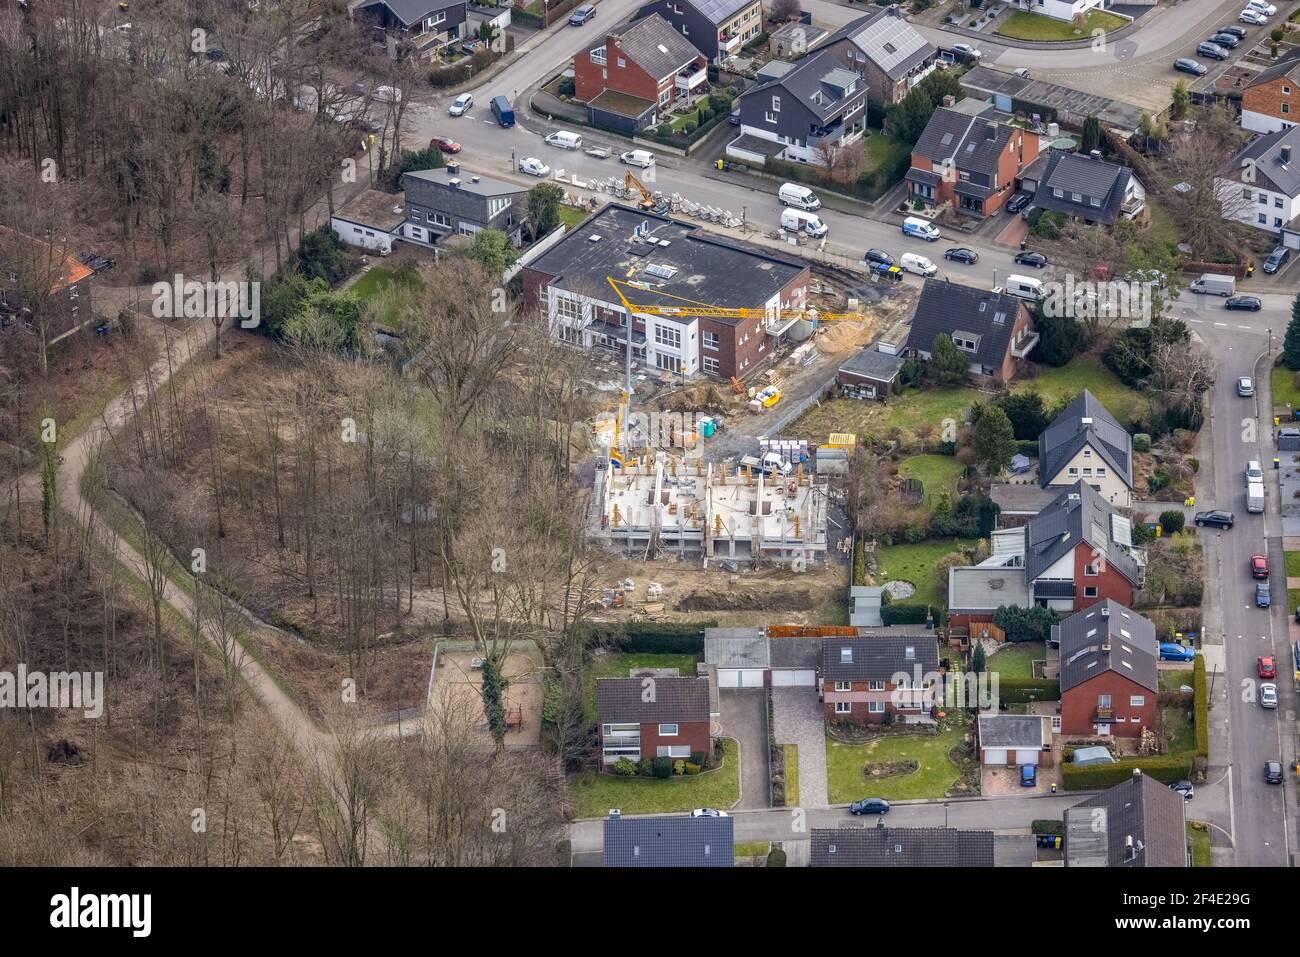 Luftaufnahme, Baustellenkindergarten Horsthofstraße, Bottrop-Kirchhellen, Ruhrgebiet, Nordrhein-Westfalen, Deutschland, DE, Europa, GBB, Kinde Stockfoto